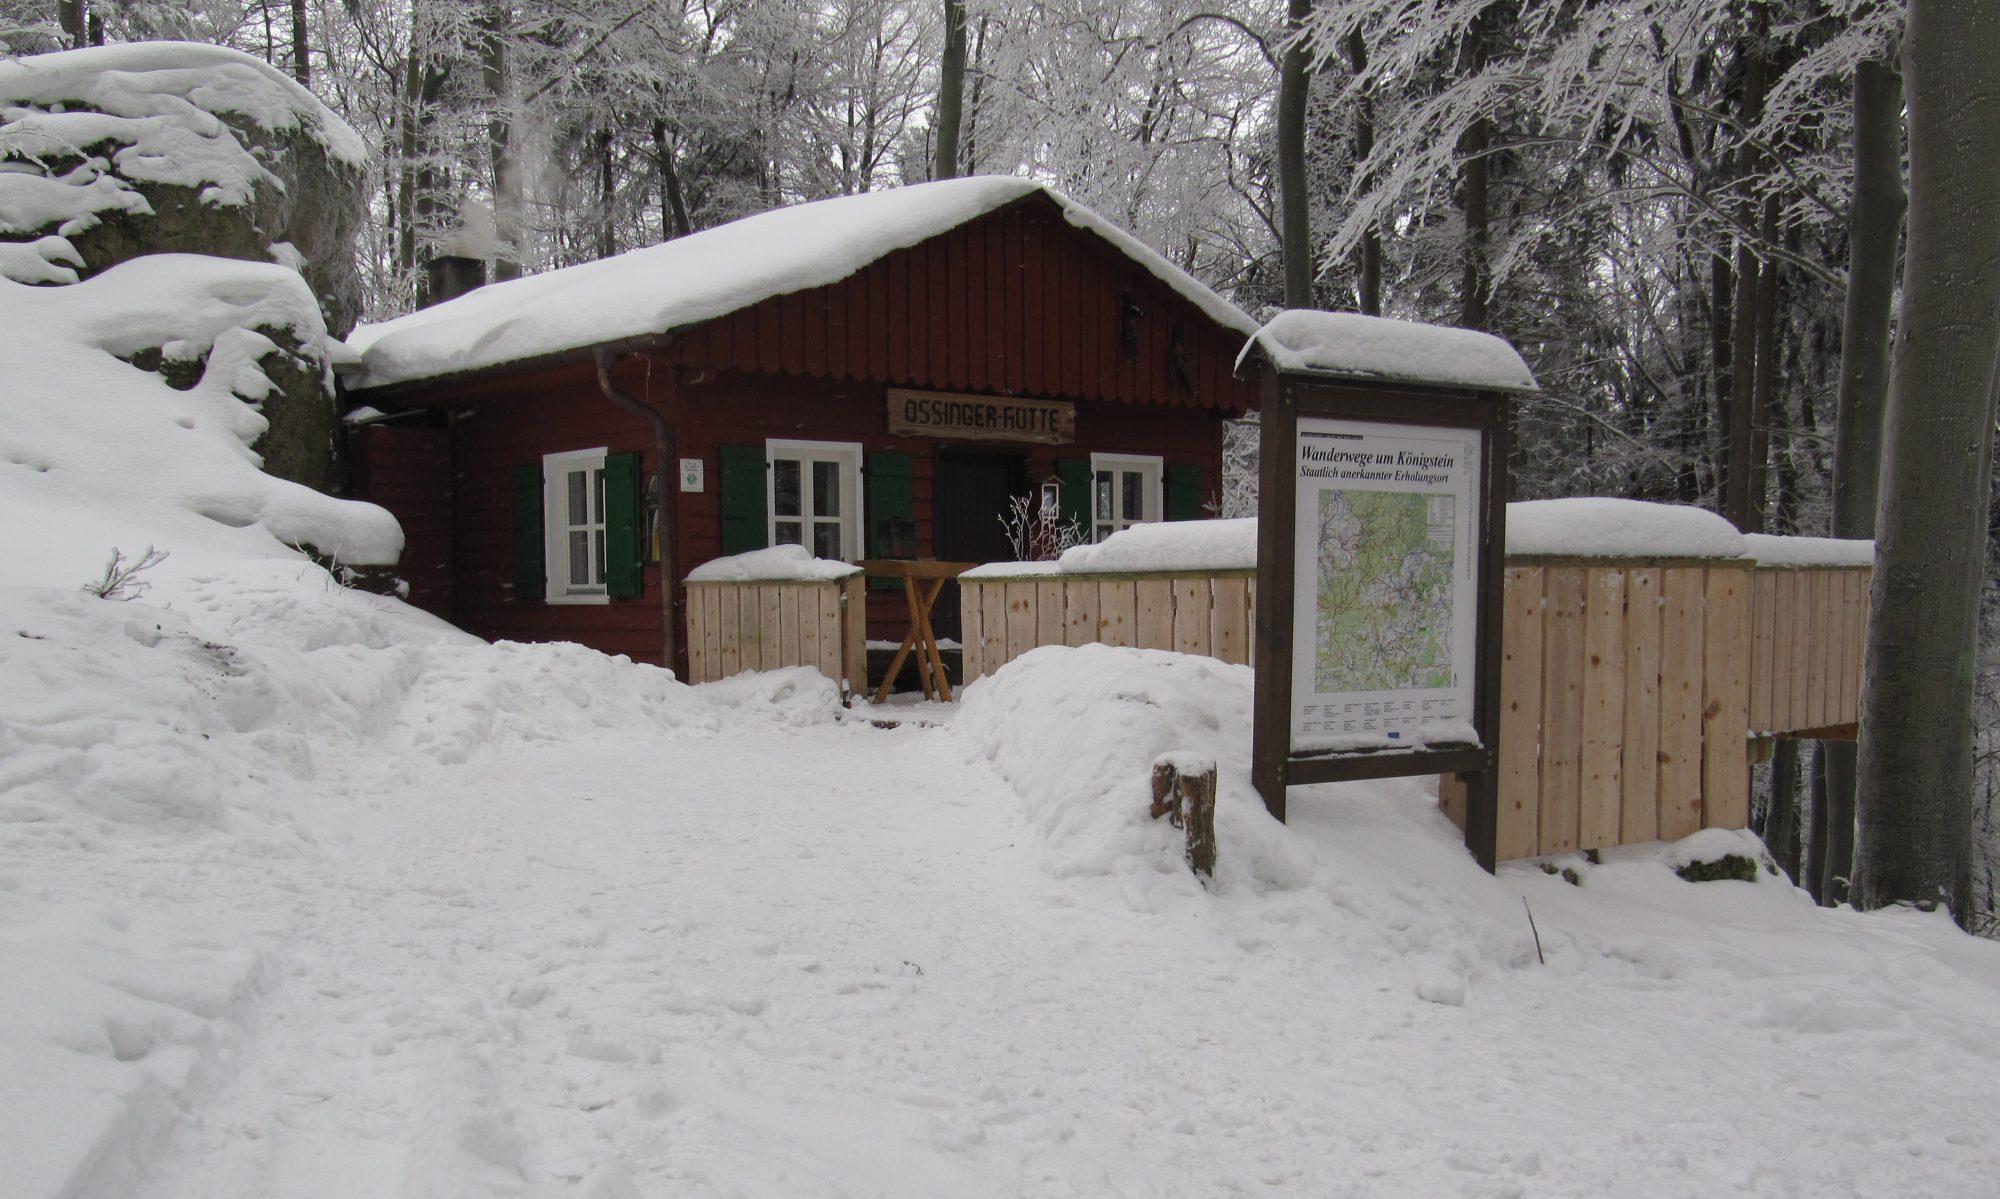 Ossinger-Hütte